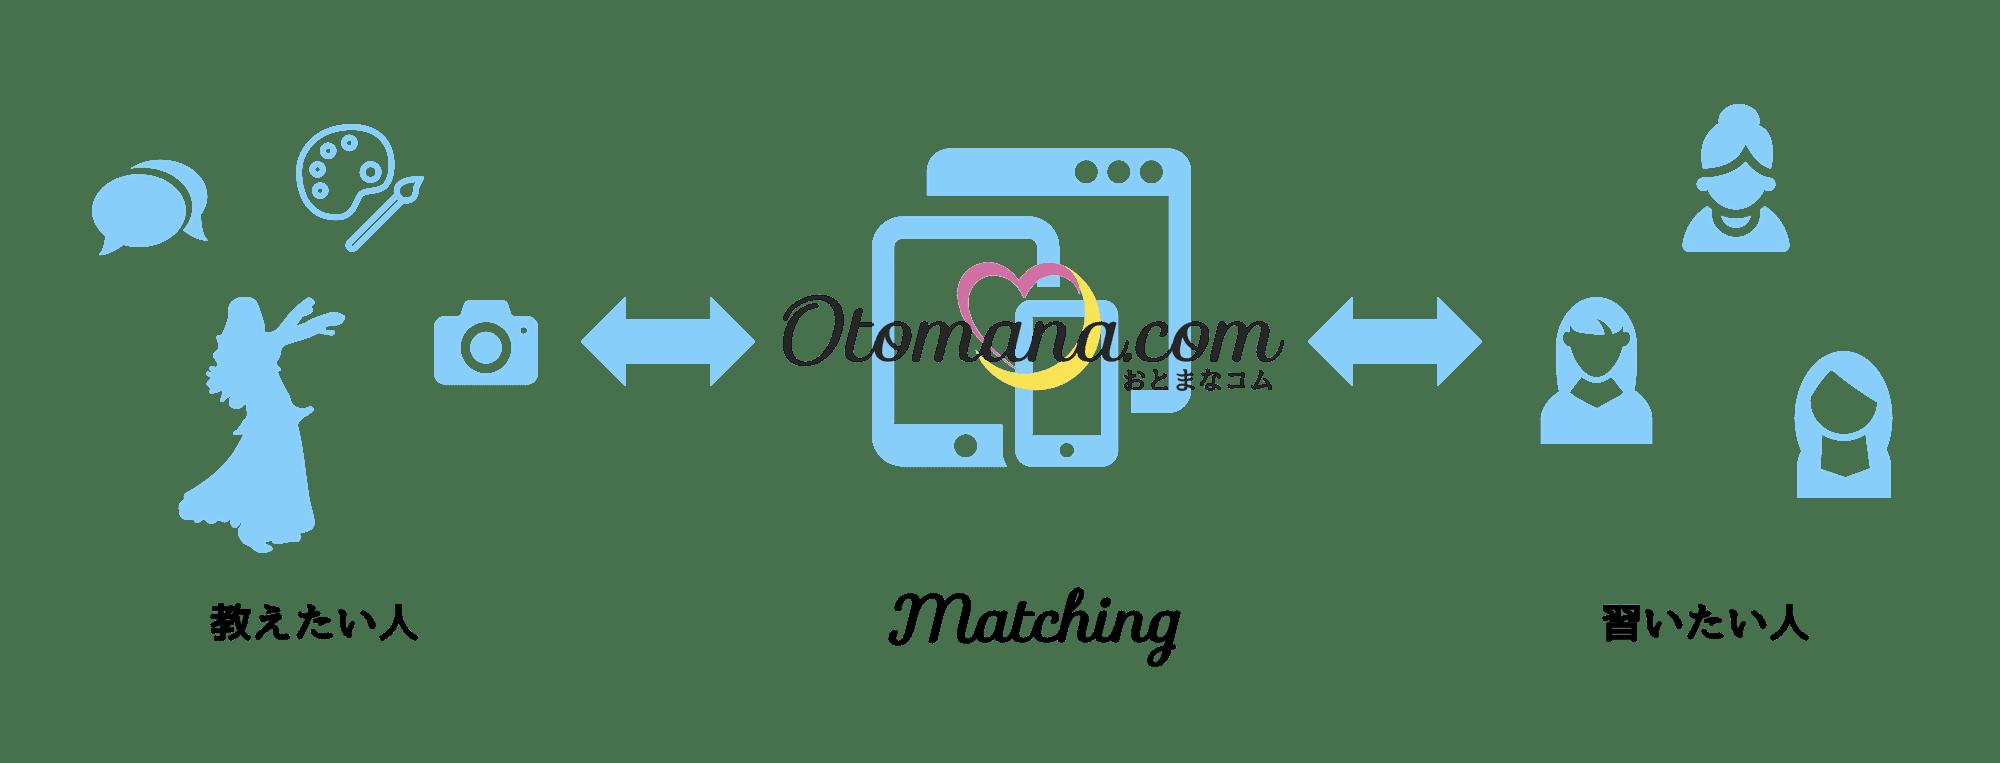 OtoMana.com_information